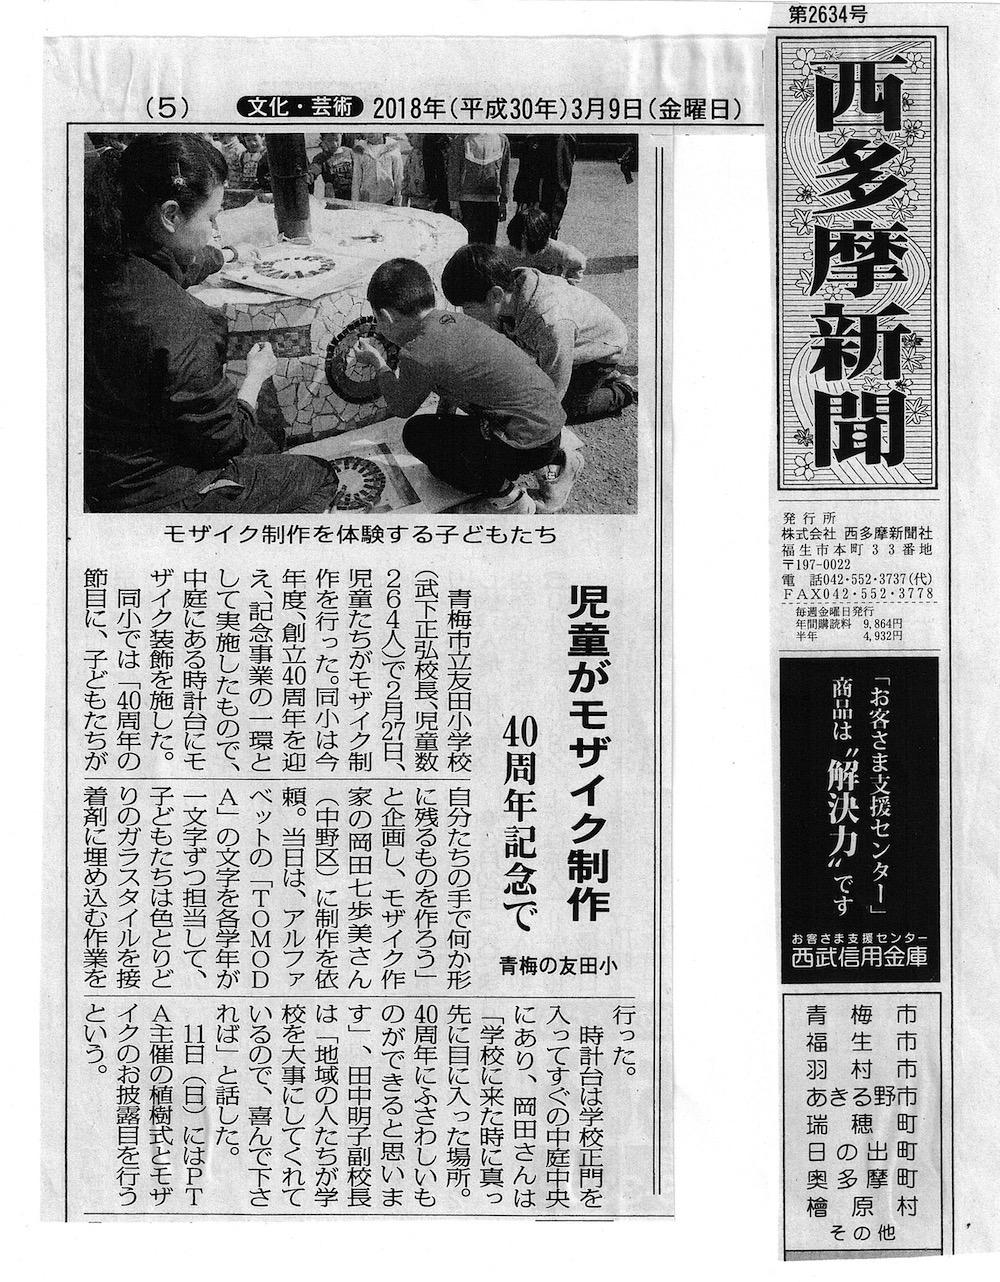 七歩美モザイコ ダウンロード資料 学校モザイク壁画